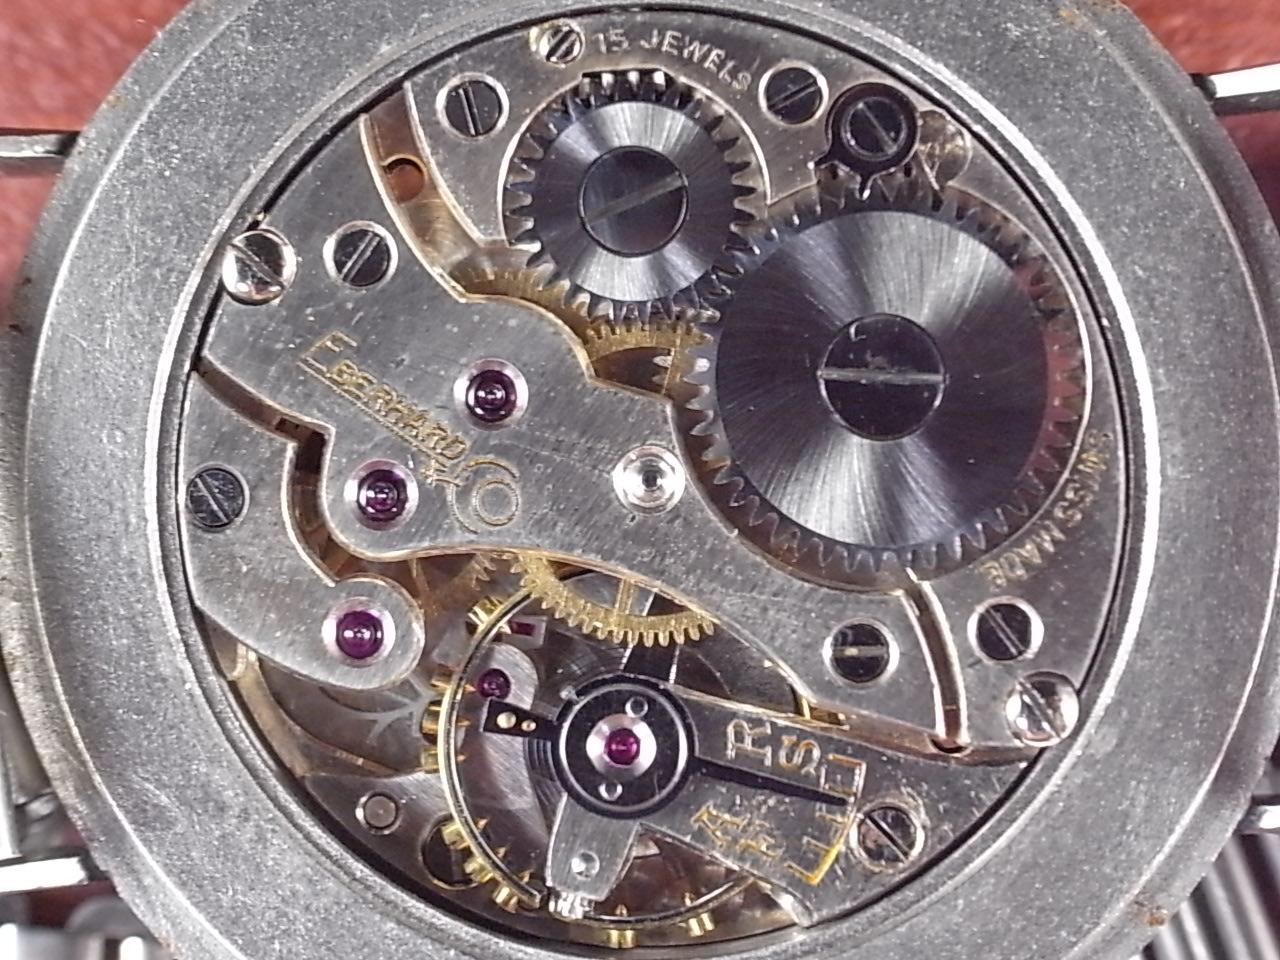 エベラール ピンクダイアル シリンダーケース ボンクリップ付き 1940年代の写真5枚目